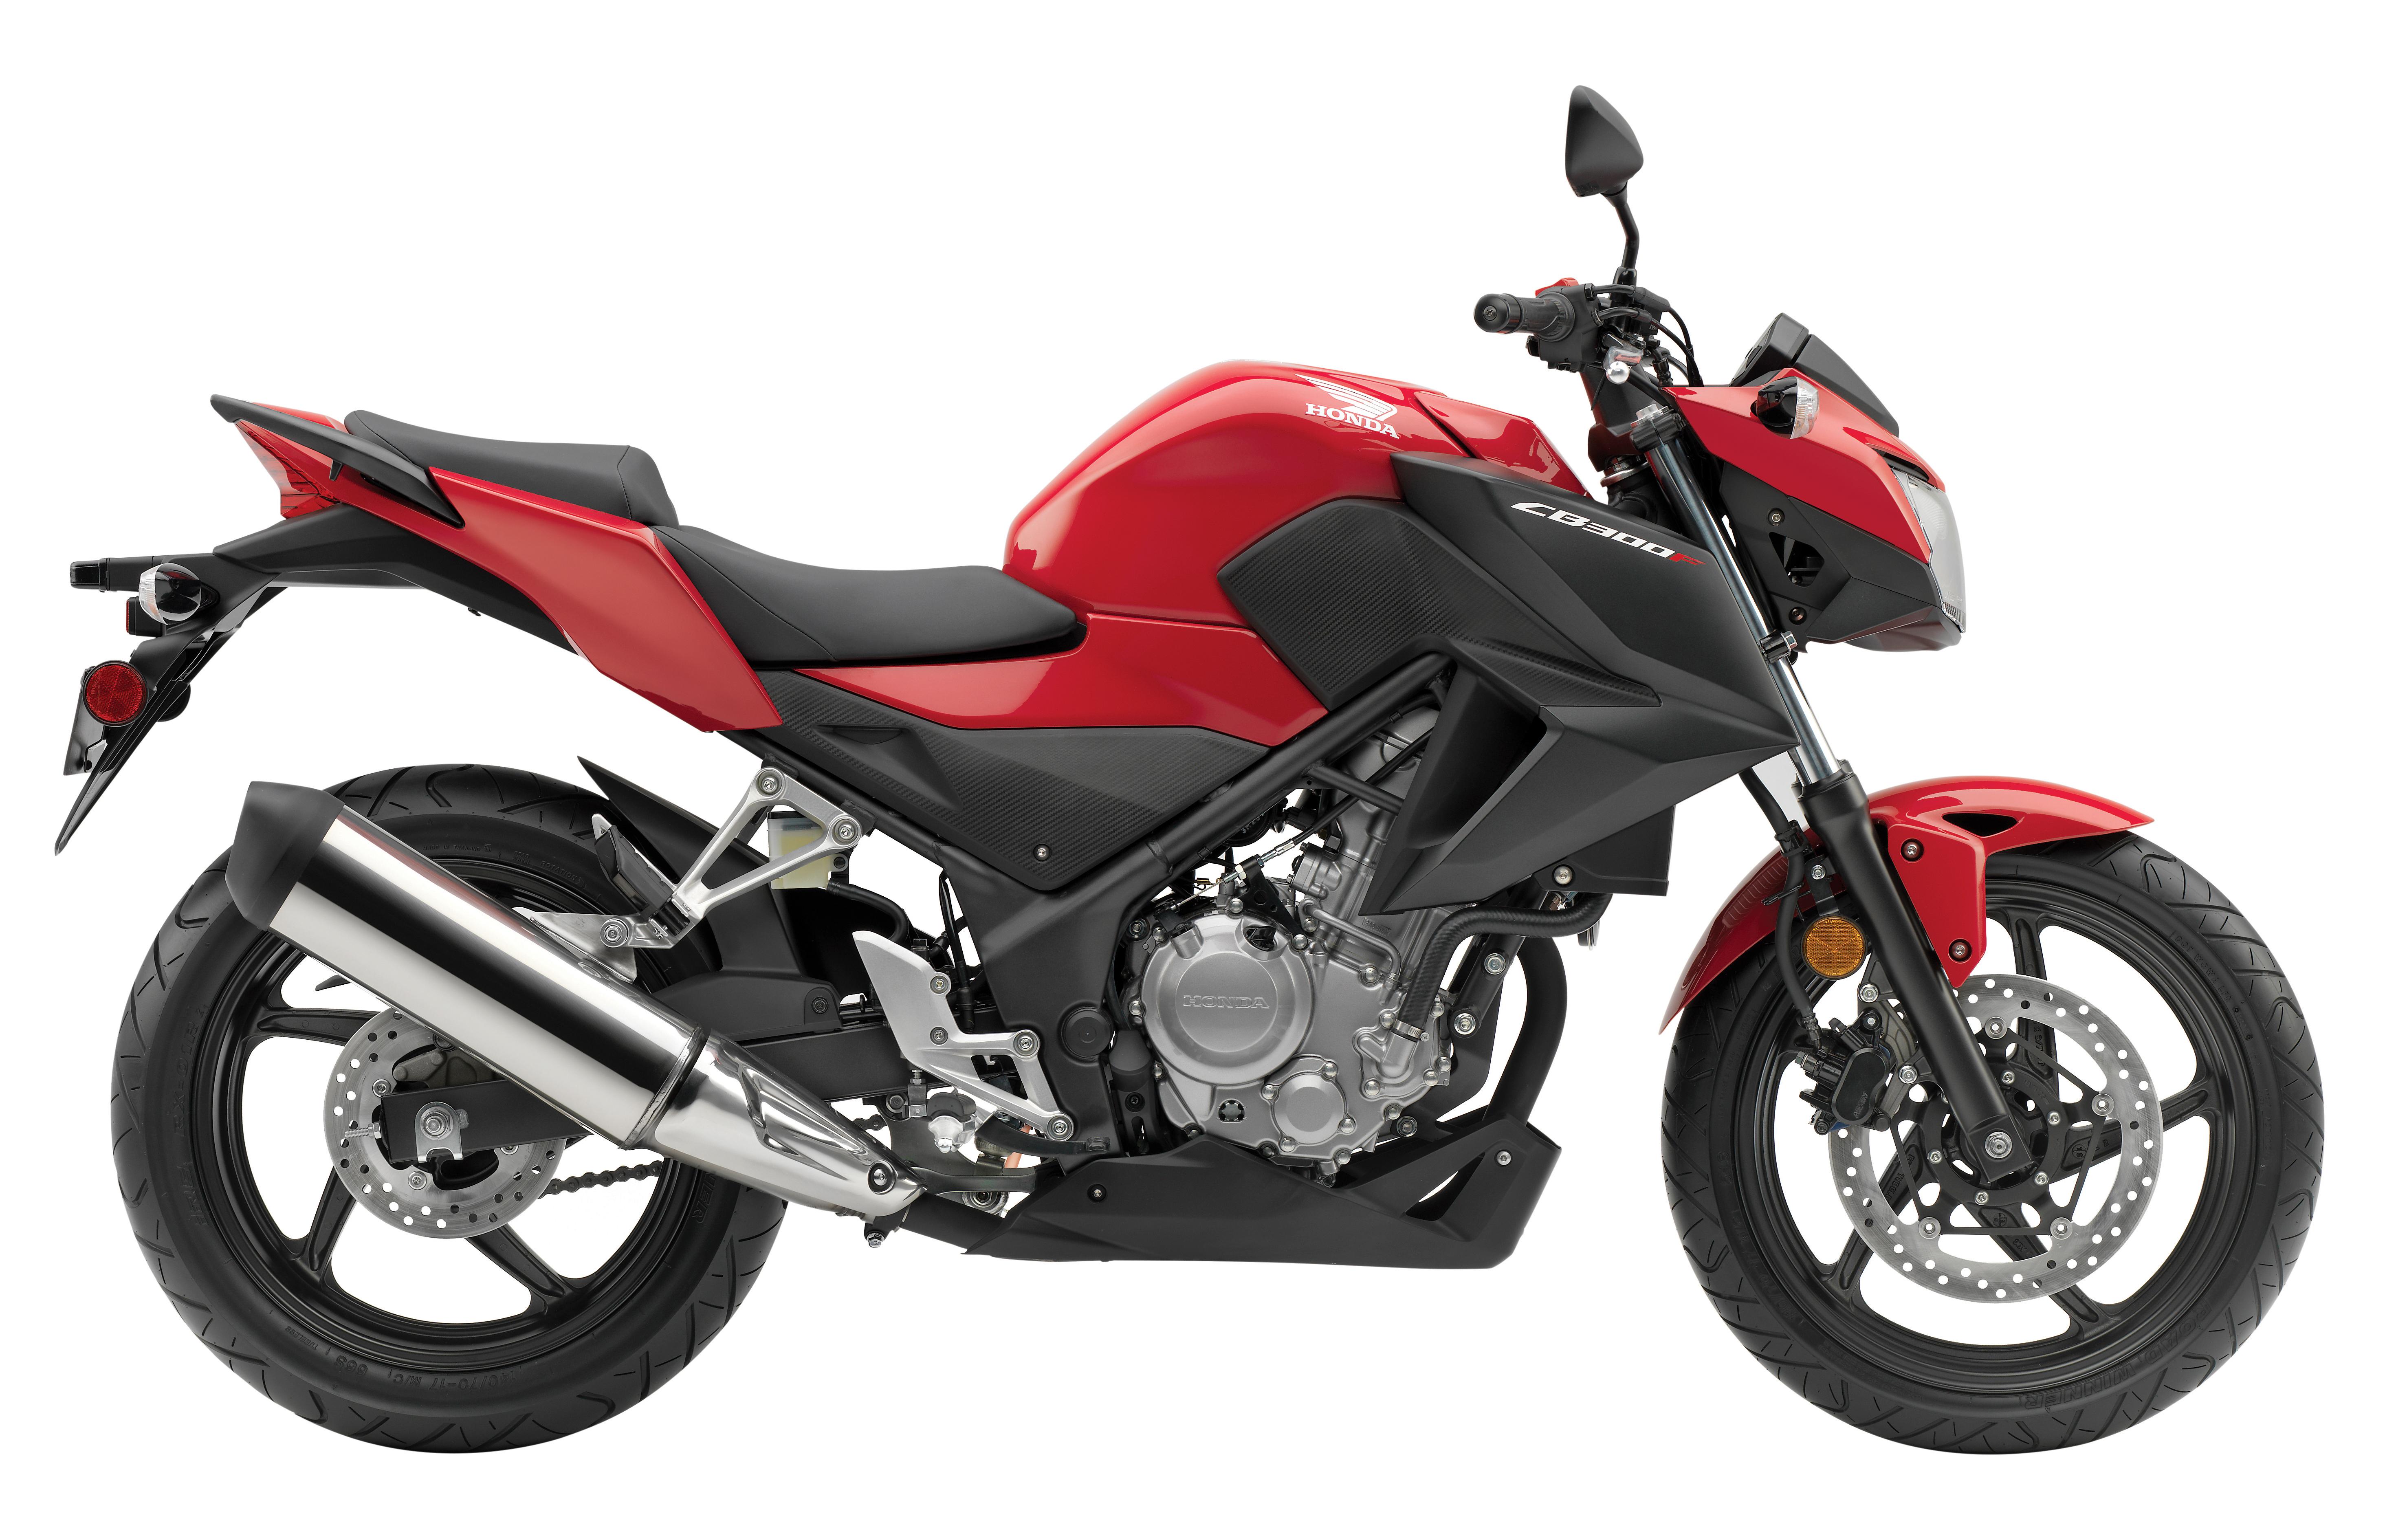 5881x3780 Honda Cb300f Vs Kawasaki Z300 Vs Ktm Duke 390